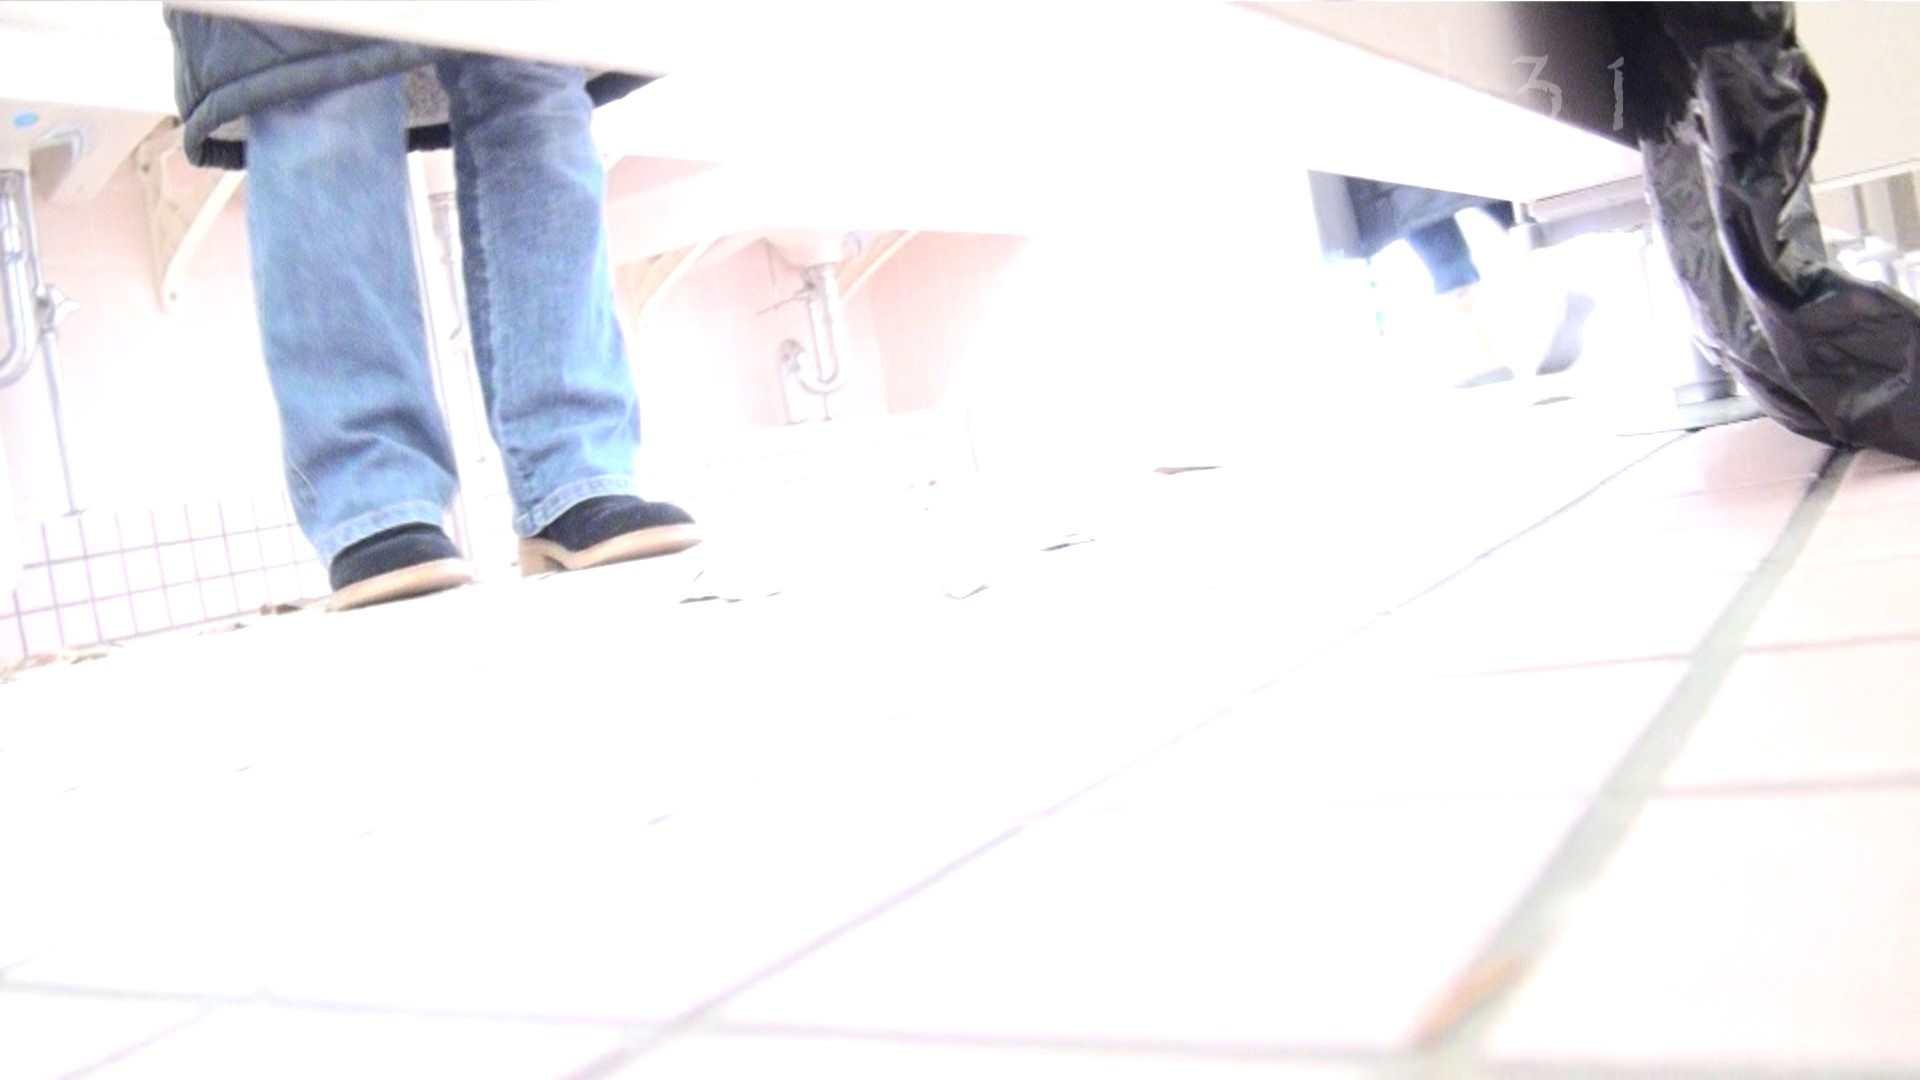 ※100個限定販売 至高下半身盗撮 プレミアム Vol.31 ハイビジョン ギャル達 オメコ無修正動画無料 112枚 7